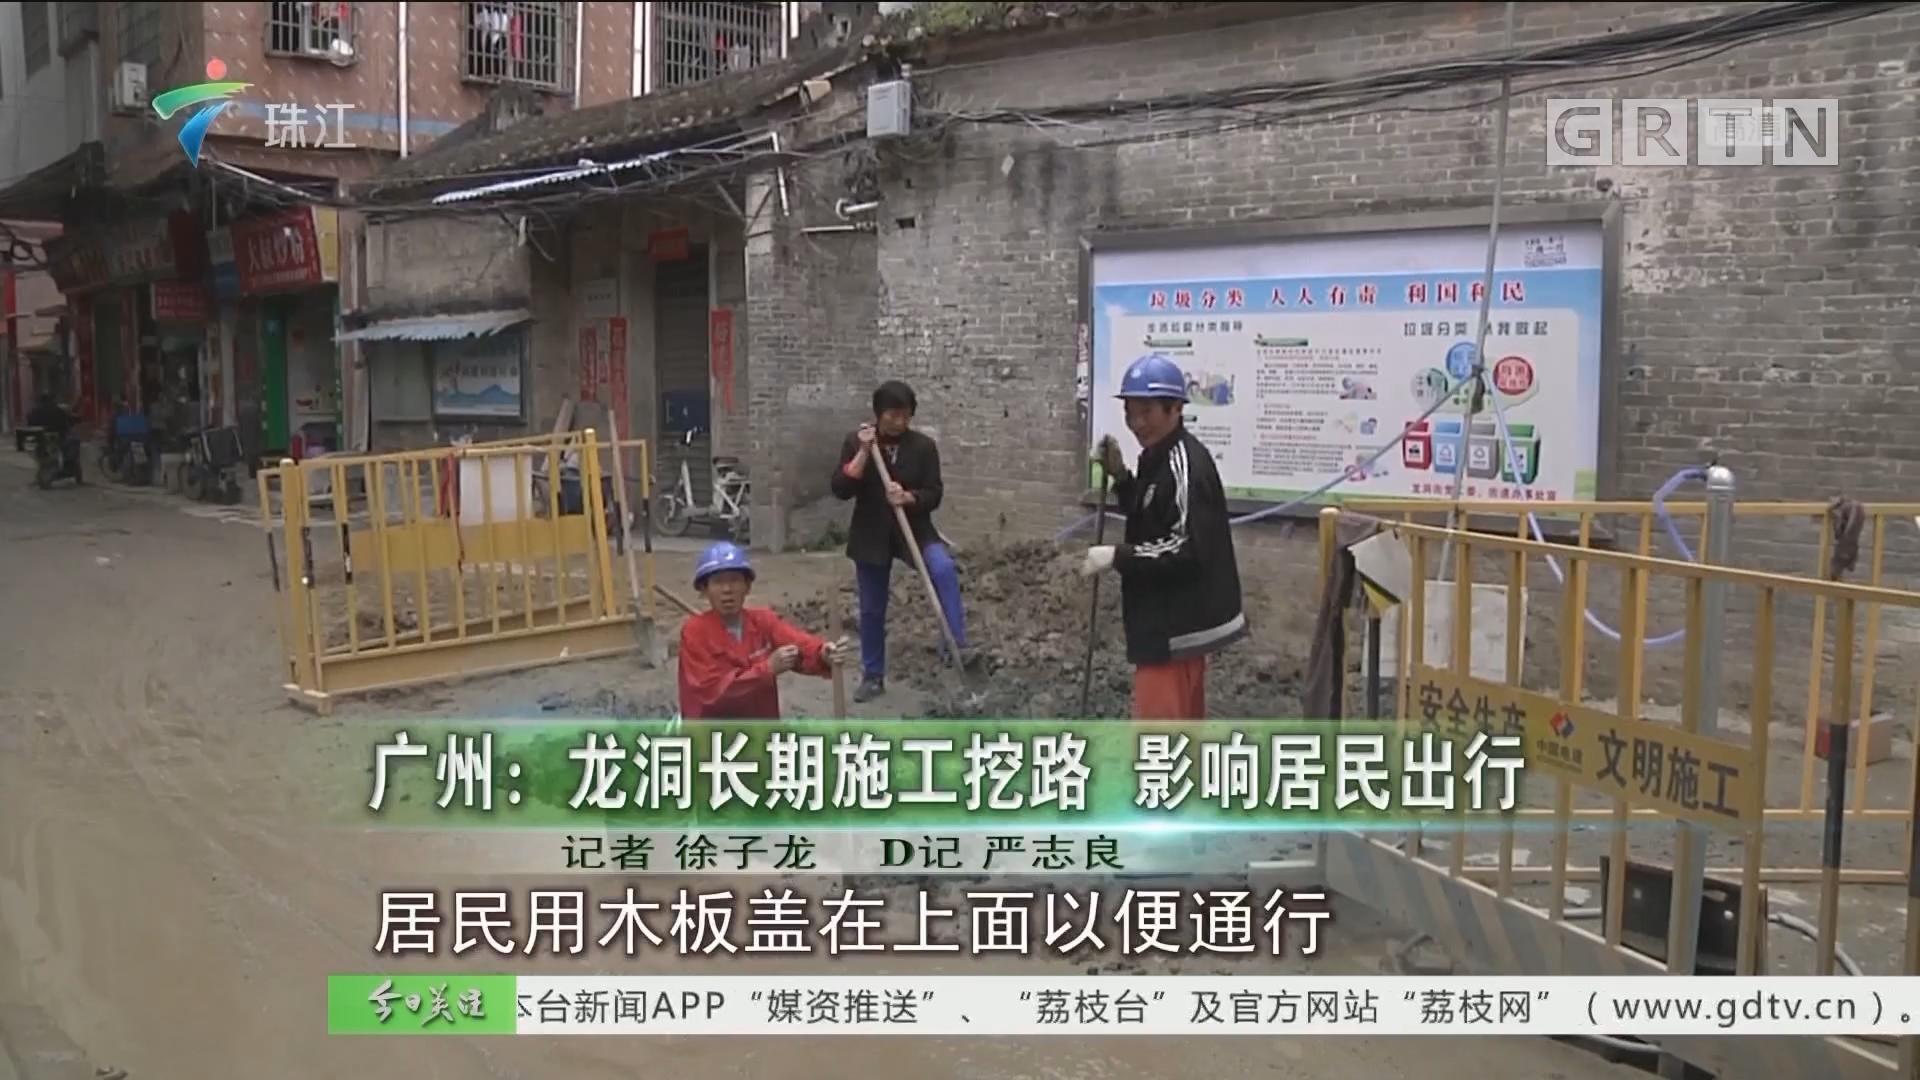 广州:龙洞长期施工挖路 影响居民出行